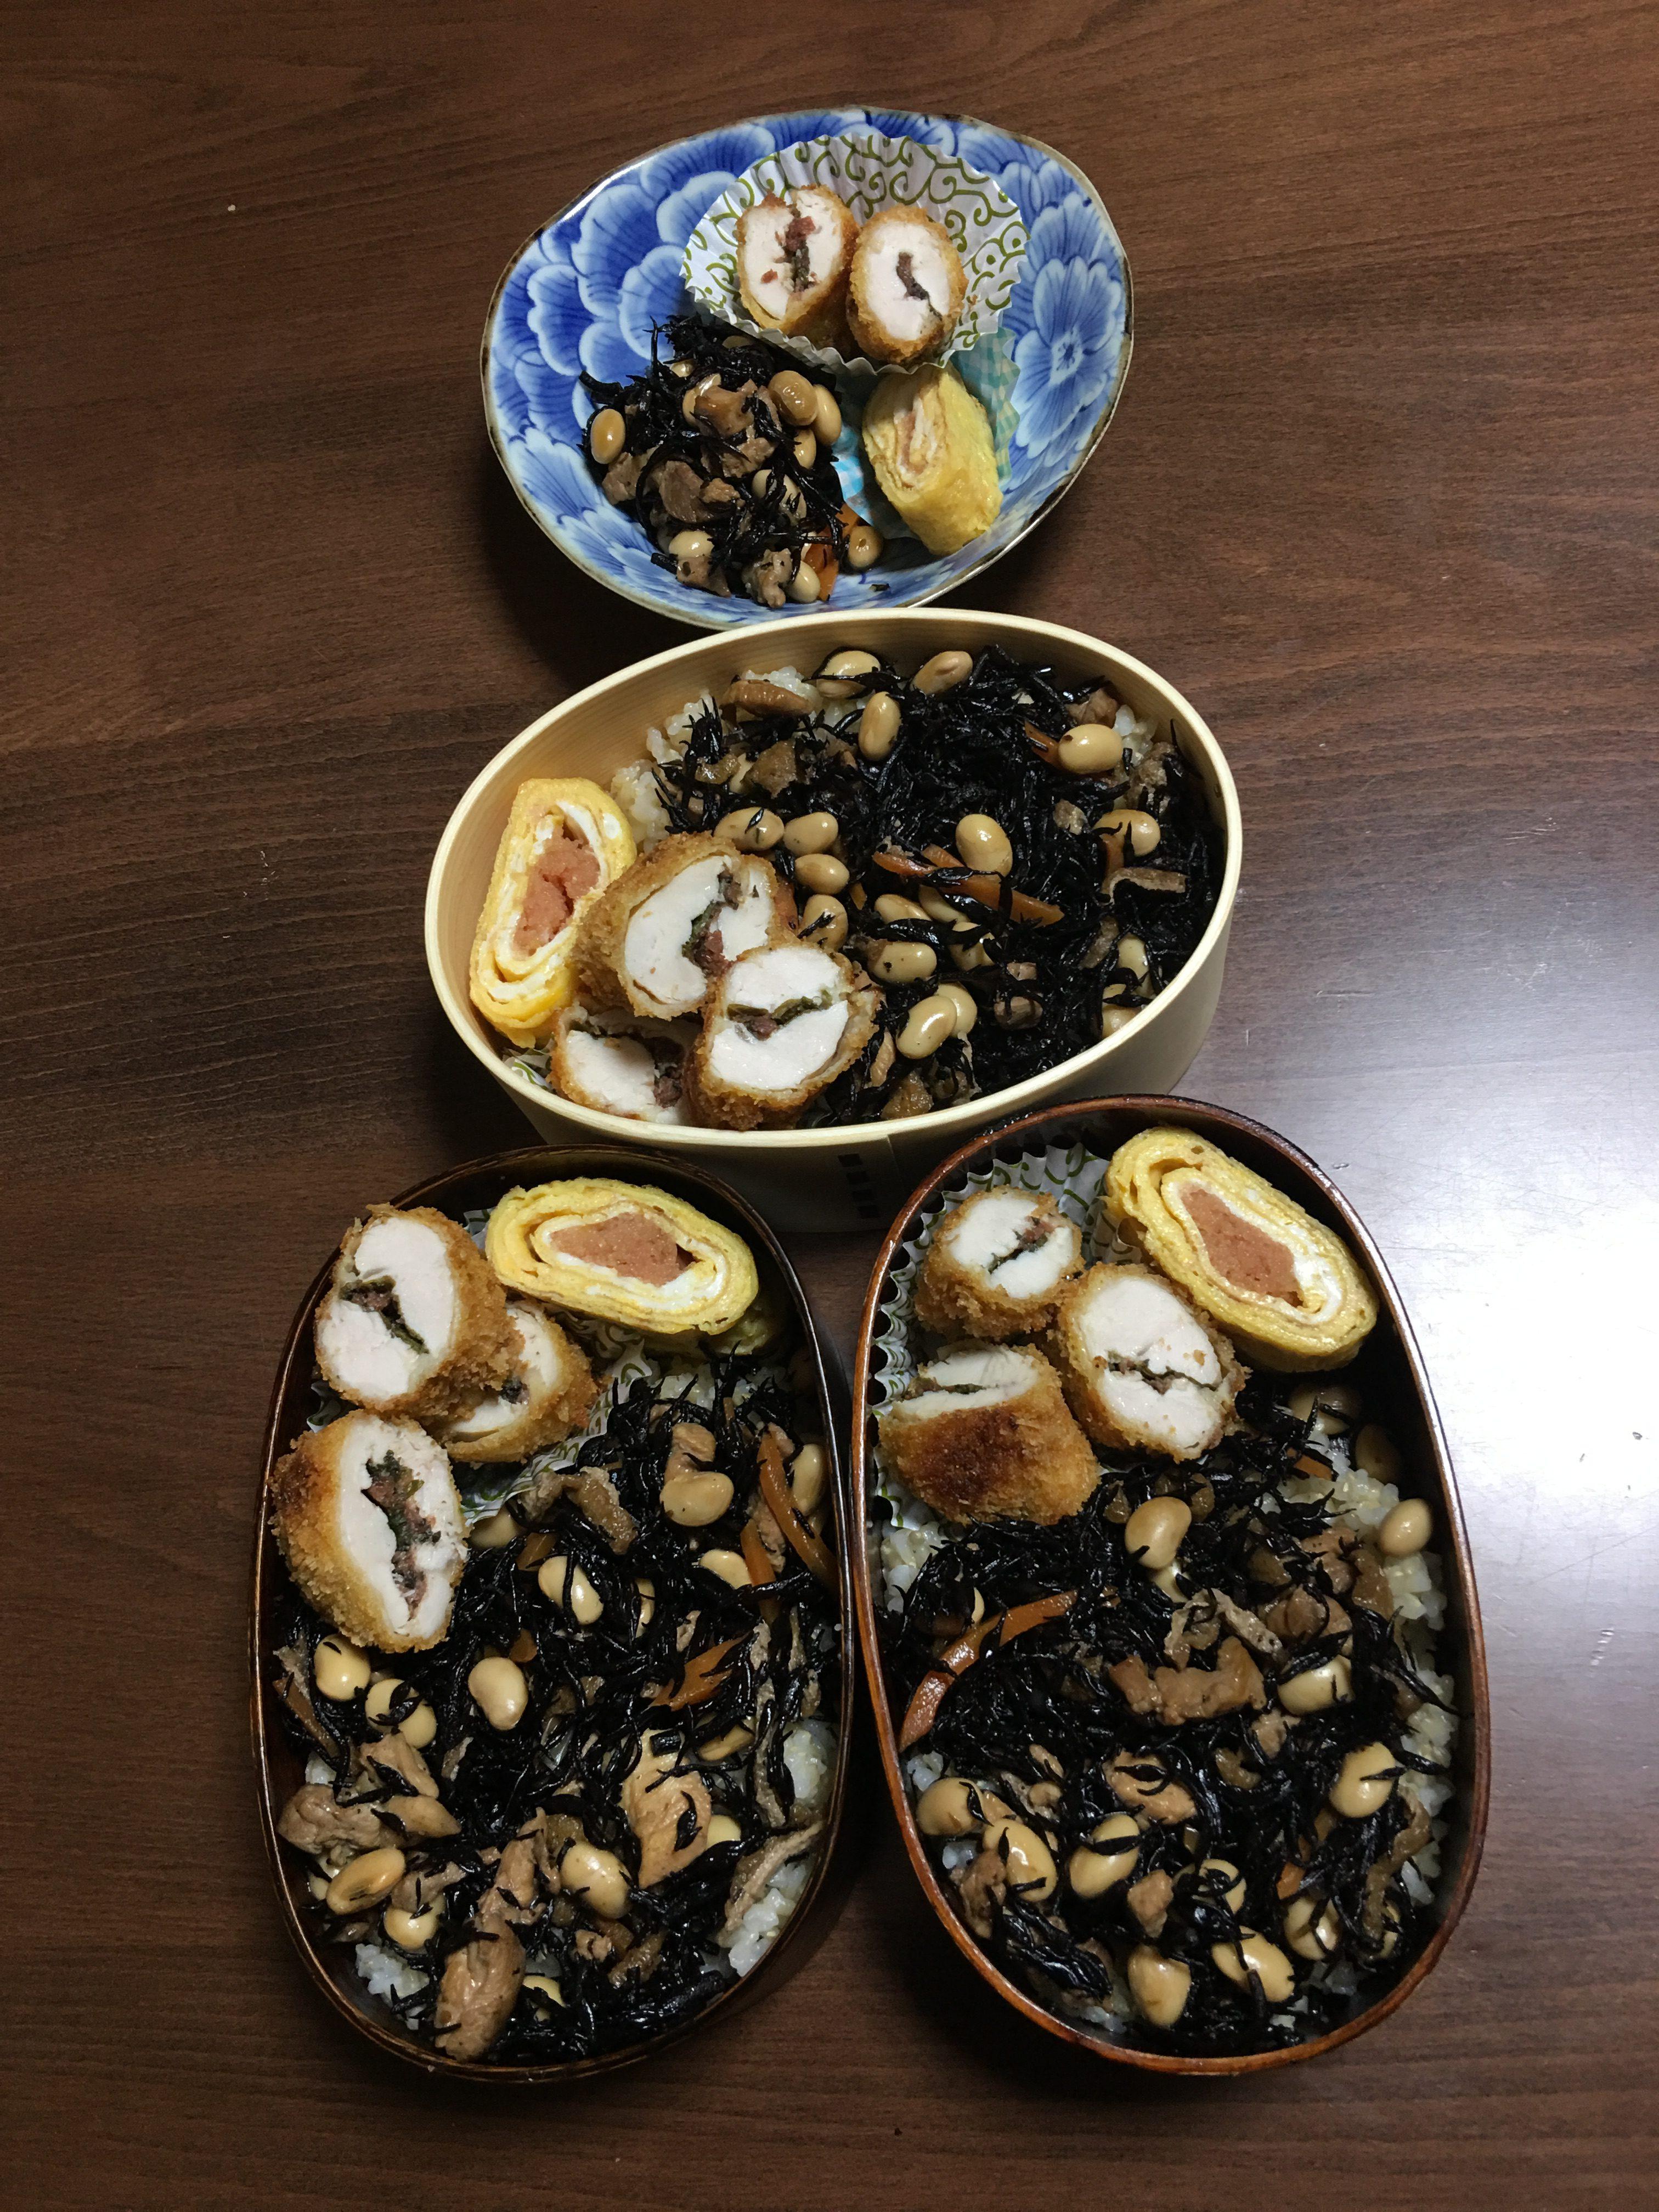 ひじき丼/オスカーピターソン・エラフィッツジェラルド